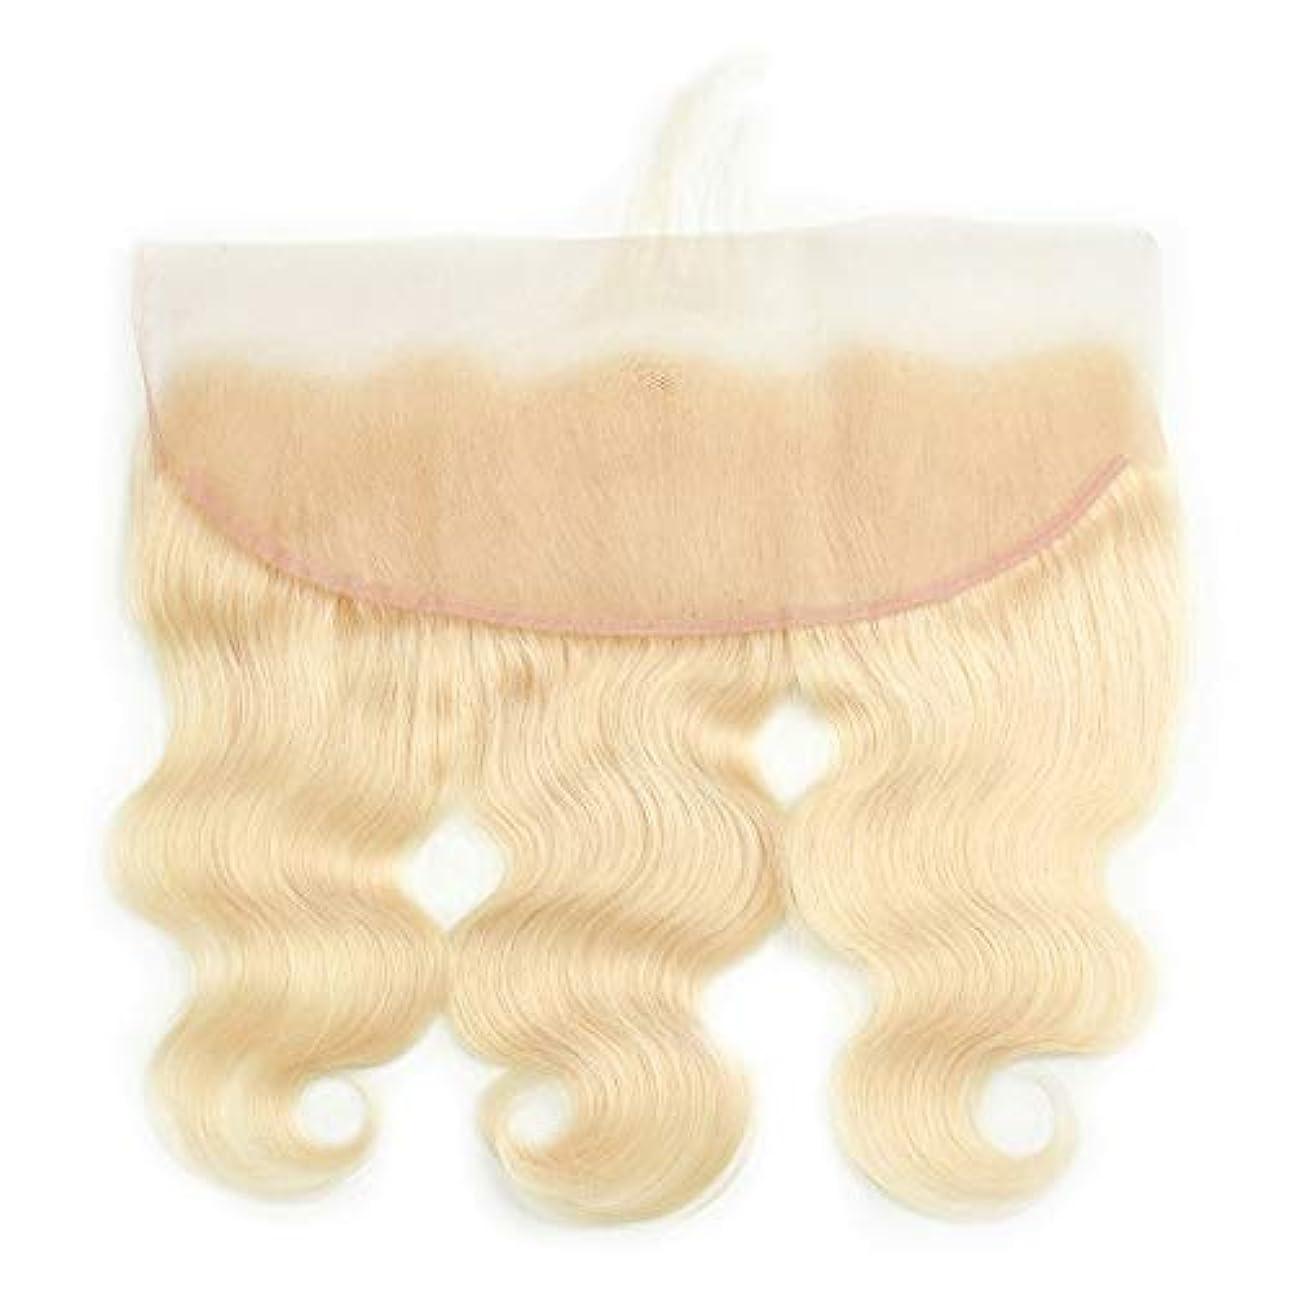 それぞれ主観的額WASAIO クロージャー13 X 4 Unlooseパート人間の髪でヘアエクステンションクリップのシームレスな先見の明レースクロージャーボディウェーブ髪の16インチレースの正面ブラジルの髪 (色 : Blonde, サイズ...